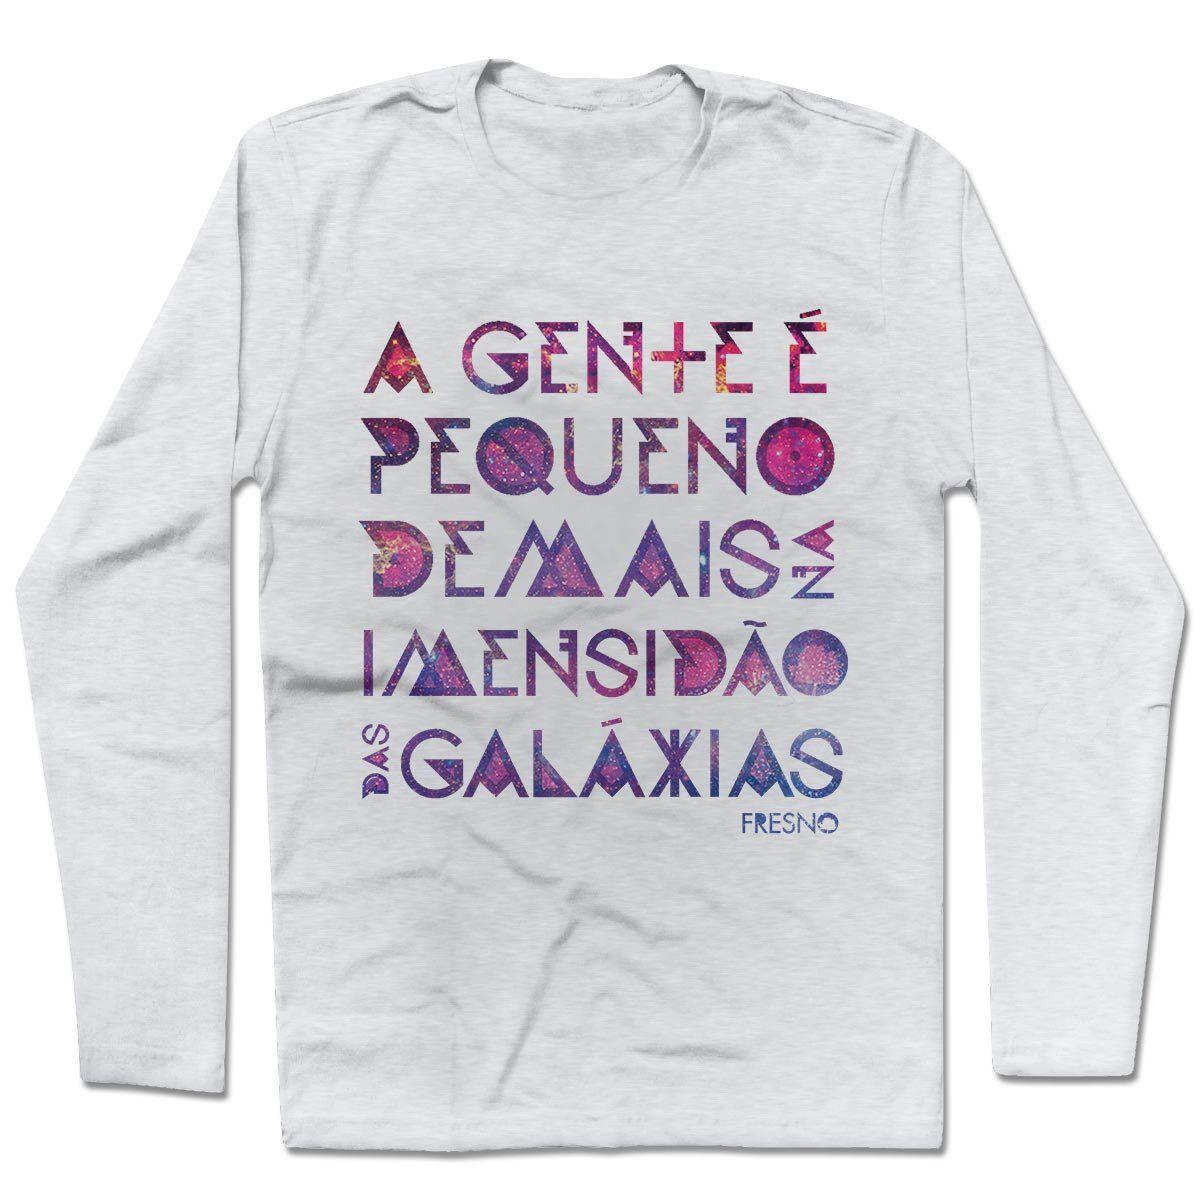 Camiseta Manga Longa Fresno - Galáxias